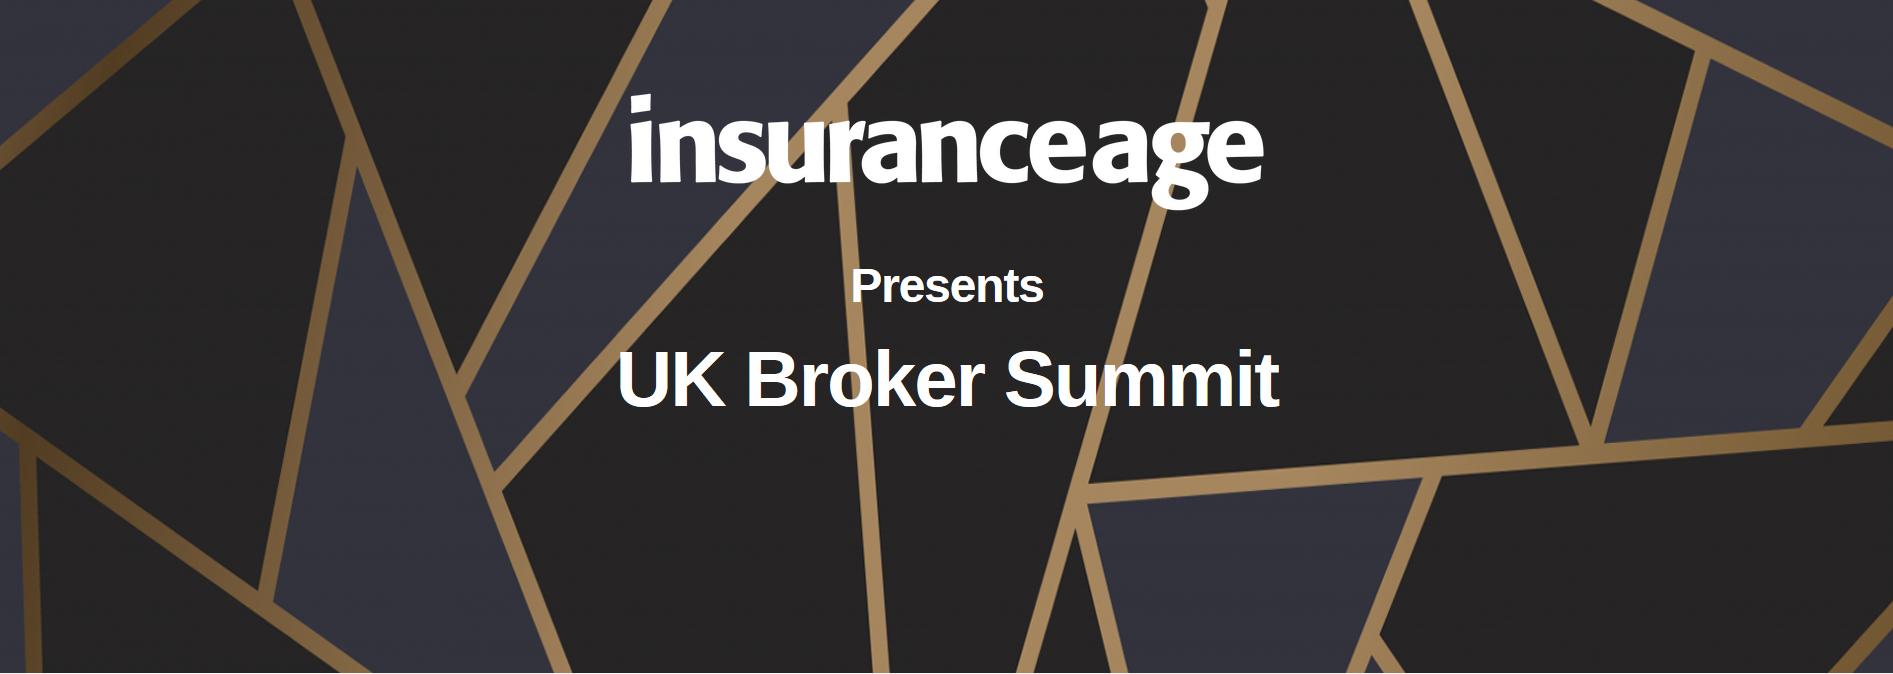 UK Broker Summit 2021